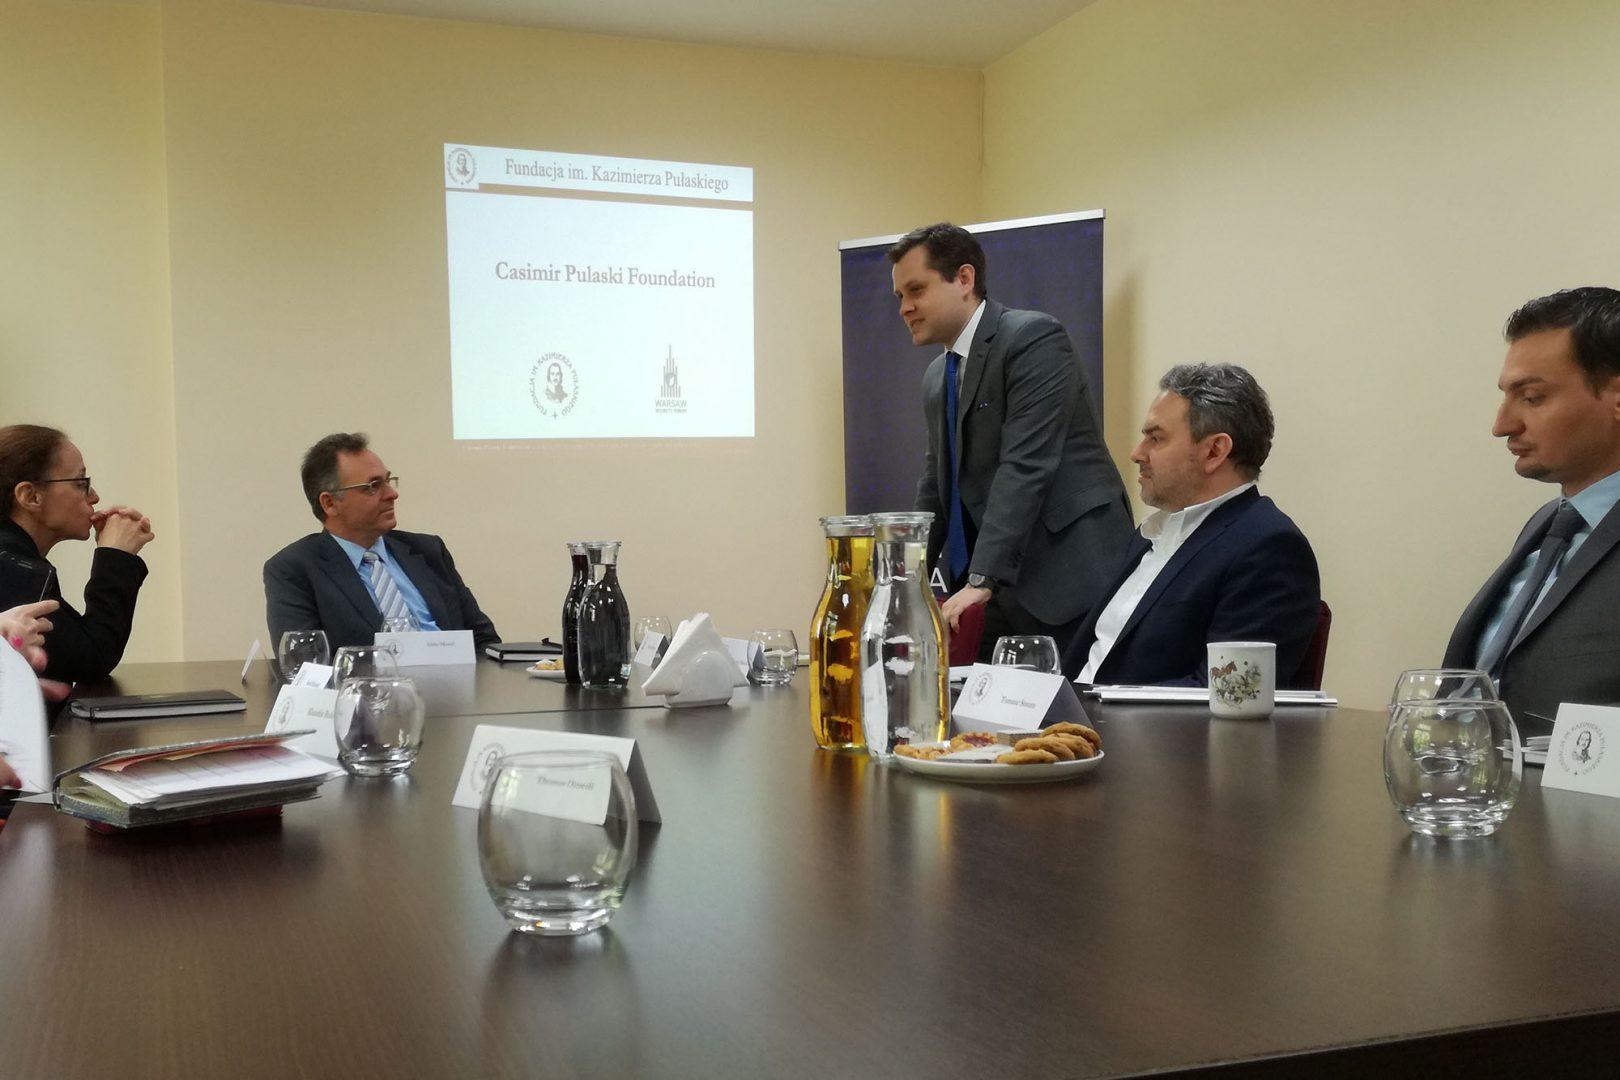 Współpraca międzynarodowe wzakresie cyberbezpieczeństwa – Roundtable zudziałem dyrektora cyberbezpieczeństwa Ministerstwa Spraw Zagranicznych Izraela Iddo Moeda